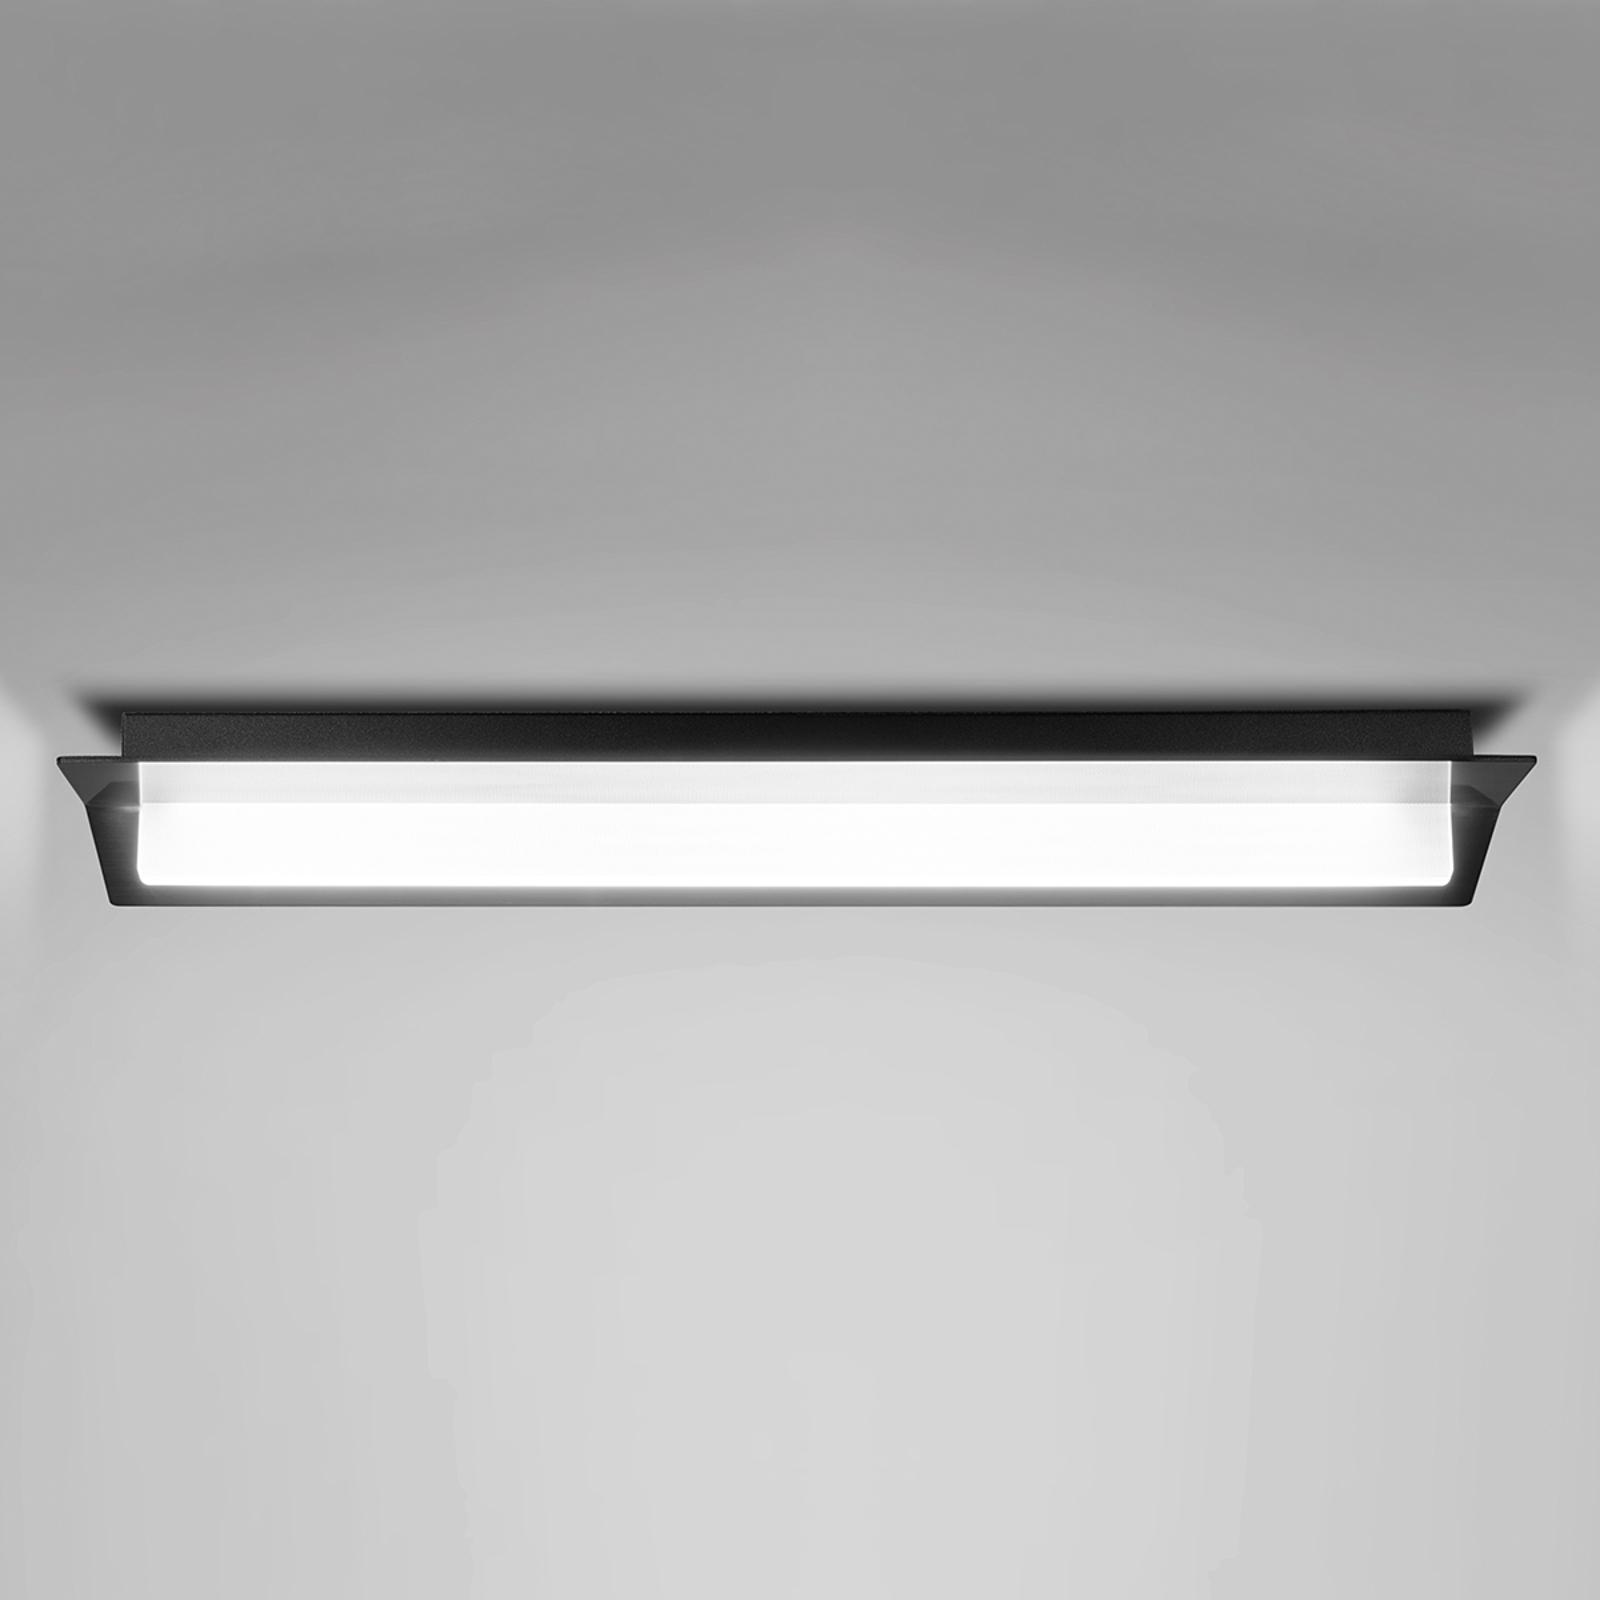 LED-Deckenleuchte Flurry, 100 cm, schwarz